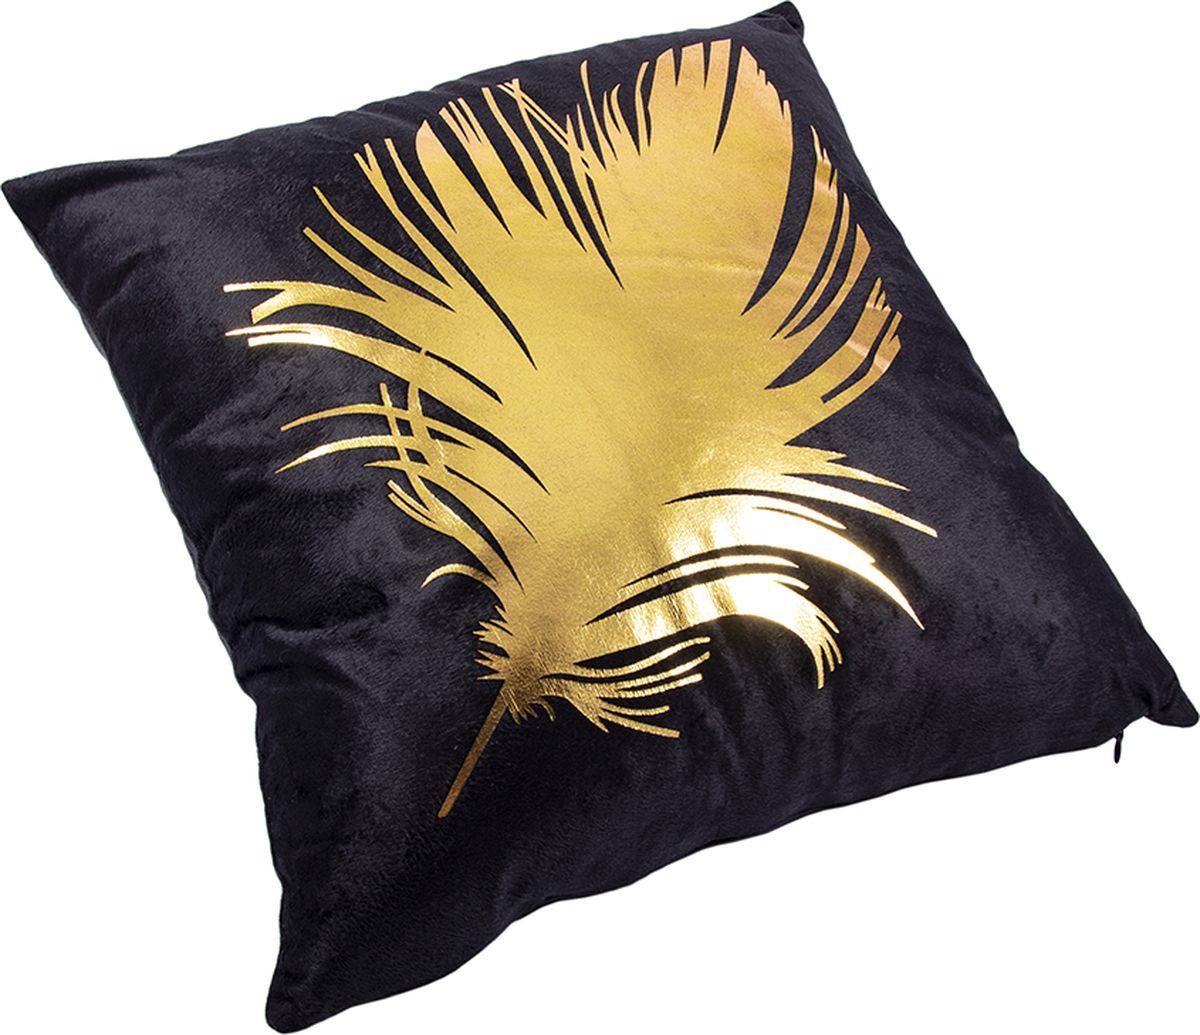 цена Наволочка декоративная Русские Подарки, 76315, черный, золотой, 45 х 45 см онлайн в 2017 году